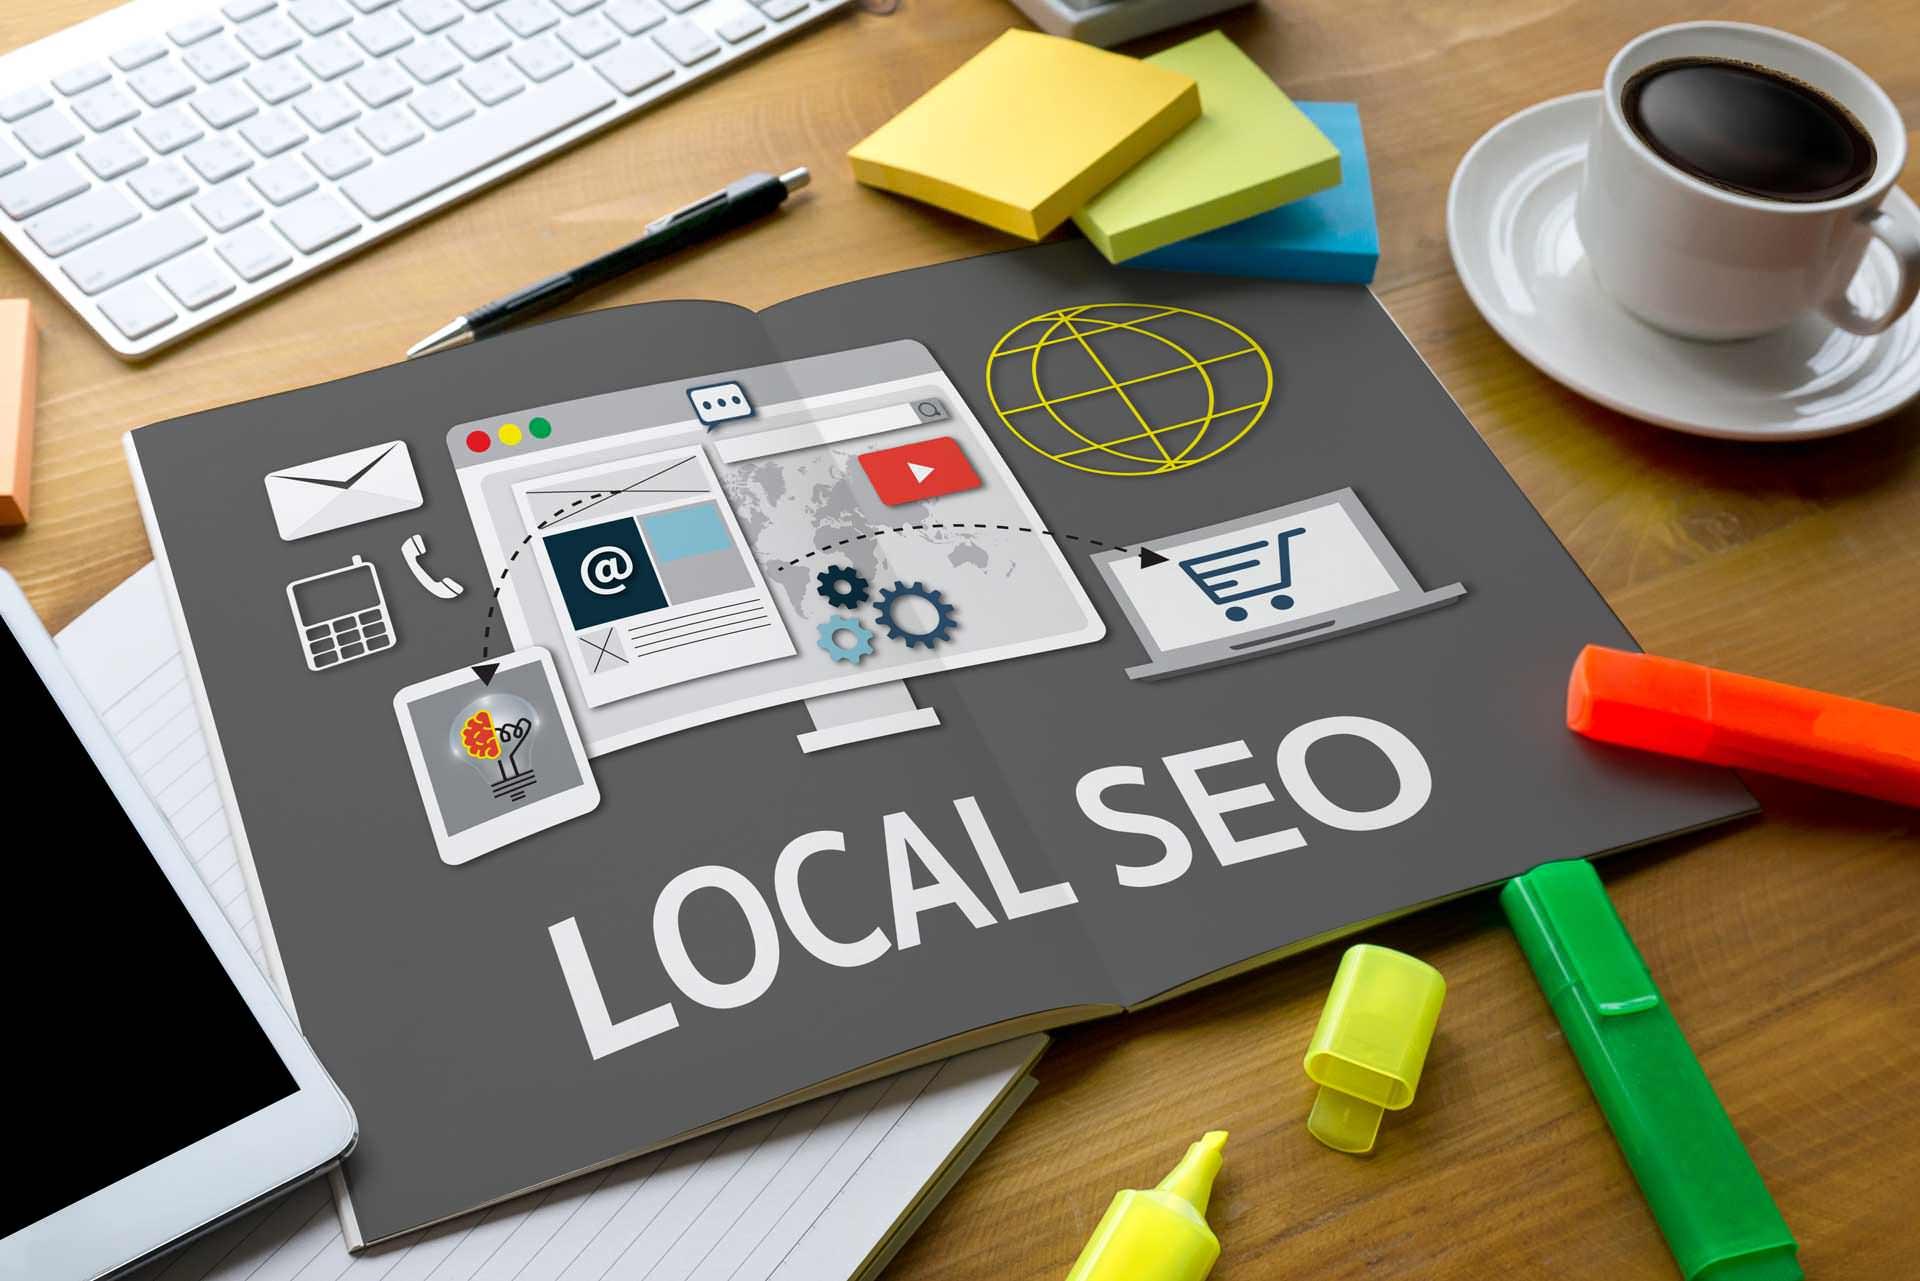 Por qué deberías tener un sitio web aunque tengas un negocio local